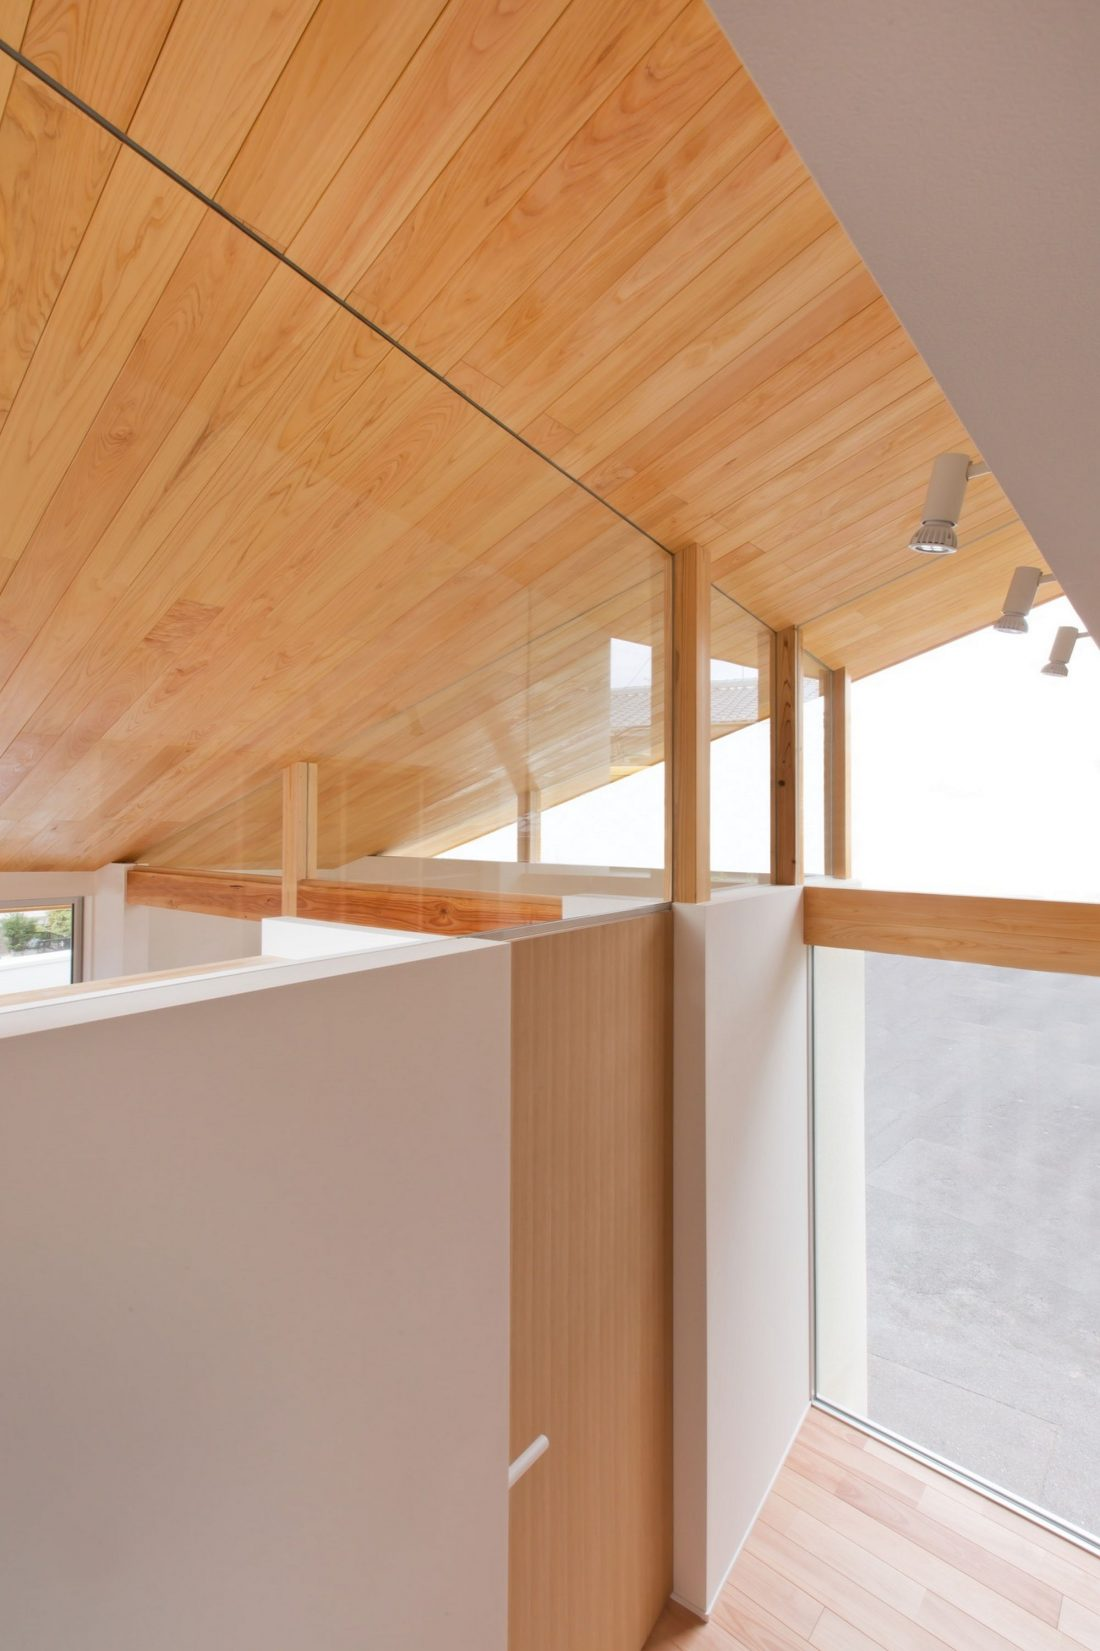 dom-v-stile-yaponskogo-minimalizma-v-kioto-proekt-alts-design-office-7